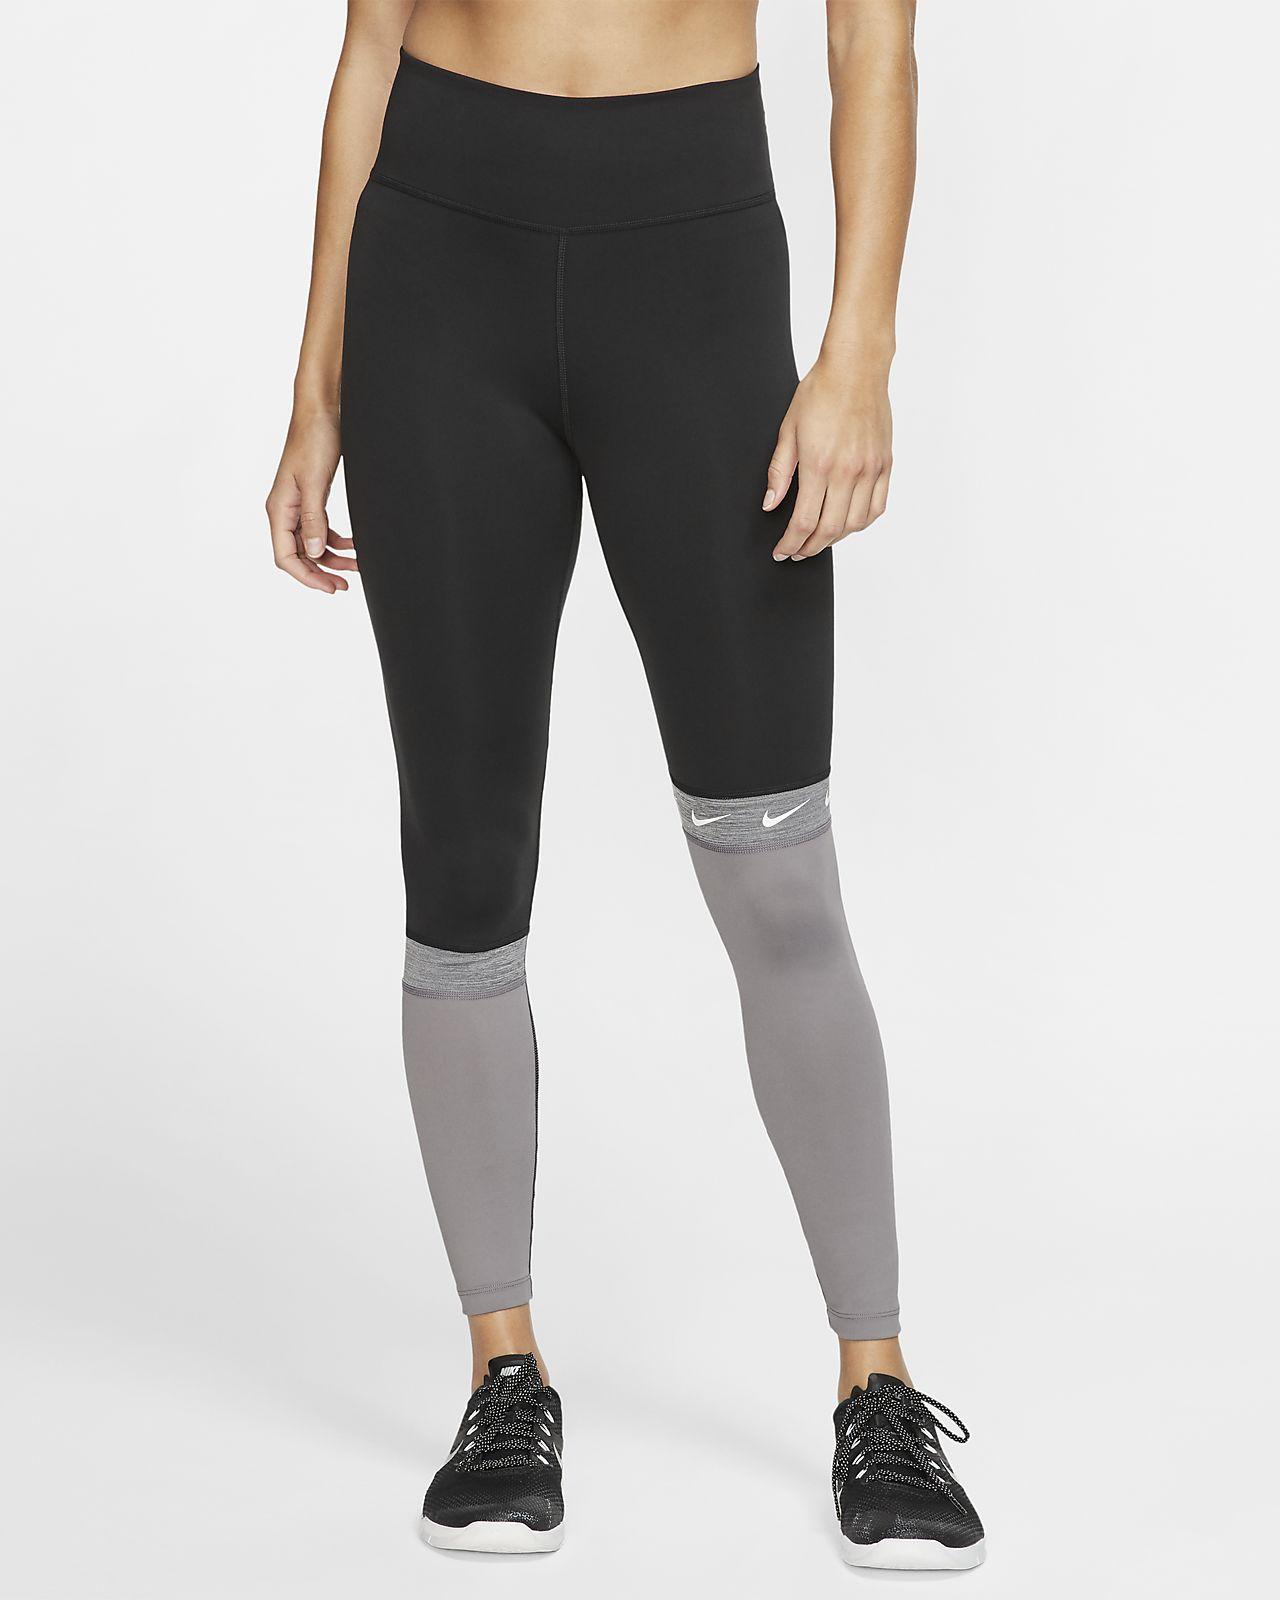 Mallas de 7/8 para mujer Nike One